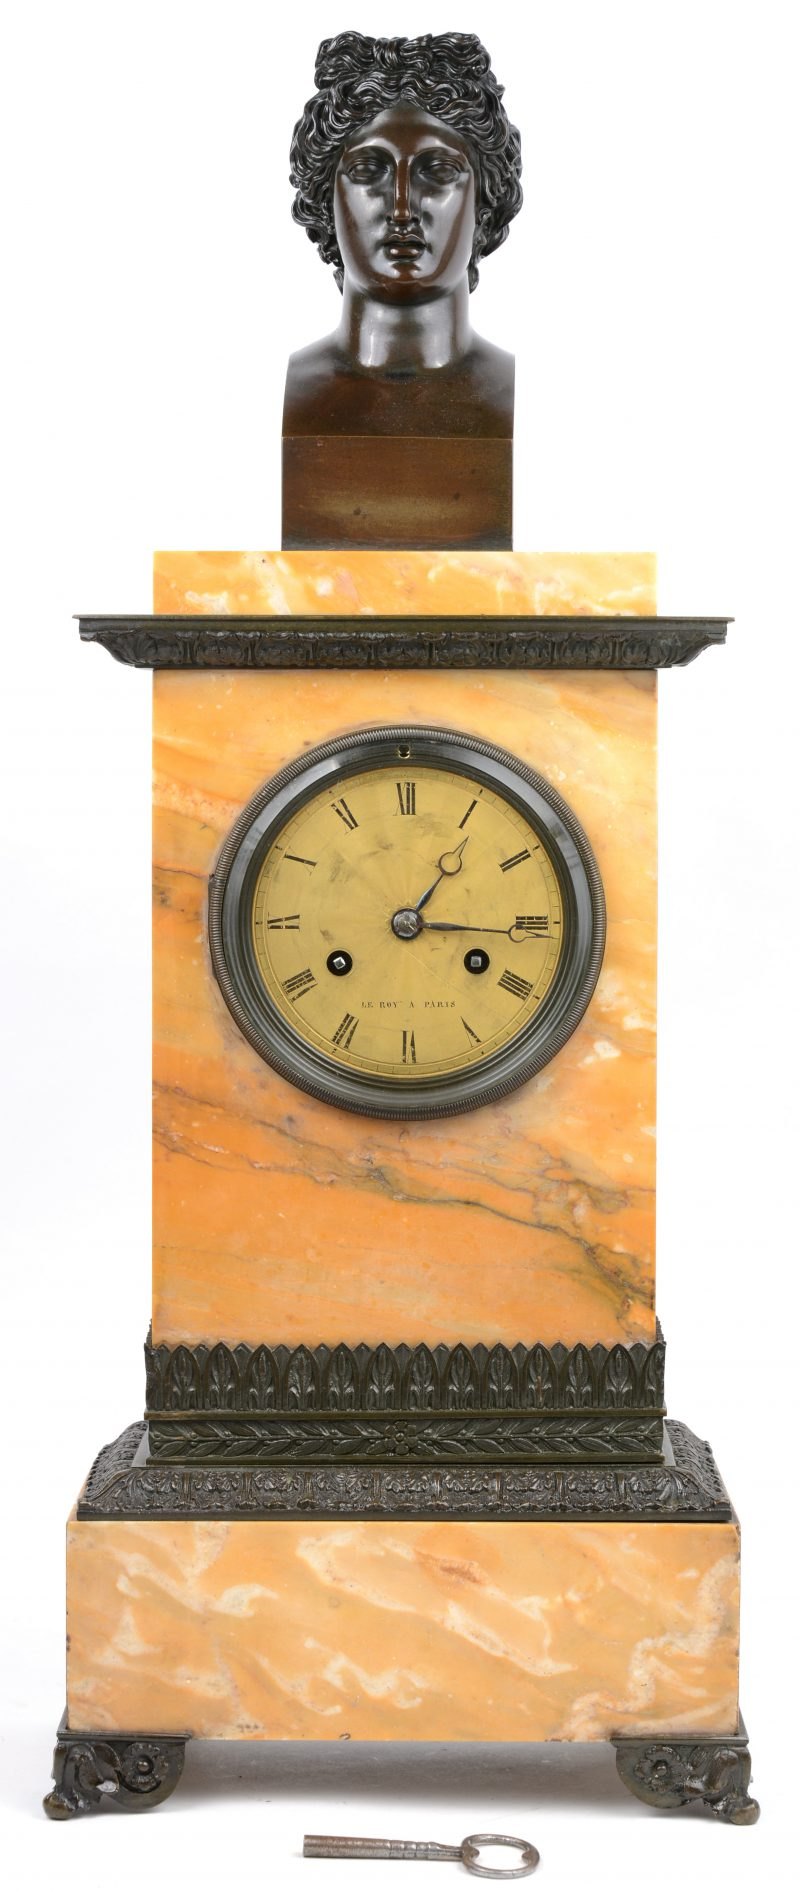 Een beige marmeren schouwpendule met bronzen pootjes, monturen en bovenaan getooid met een buste. Met sleuteljte.